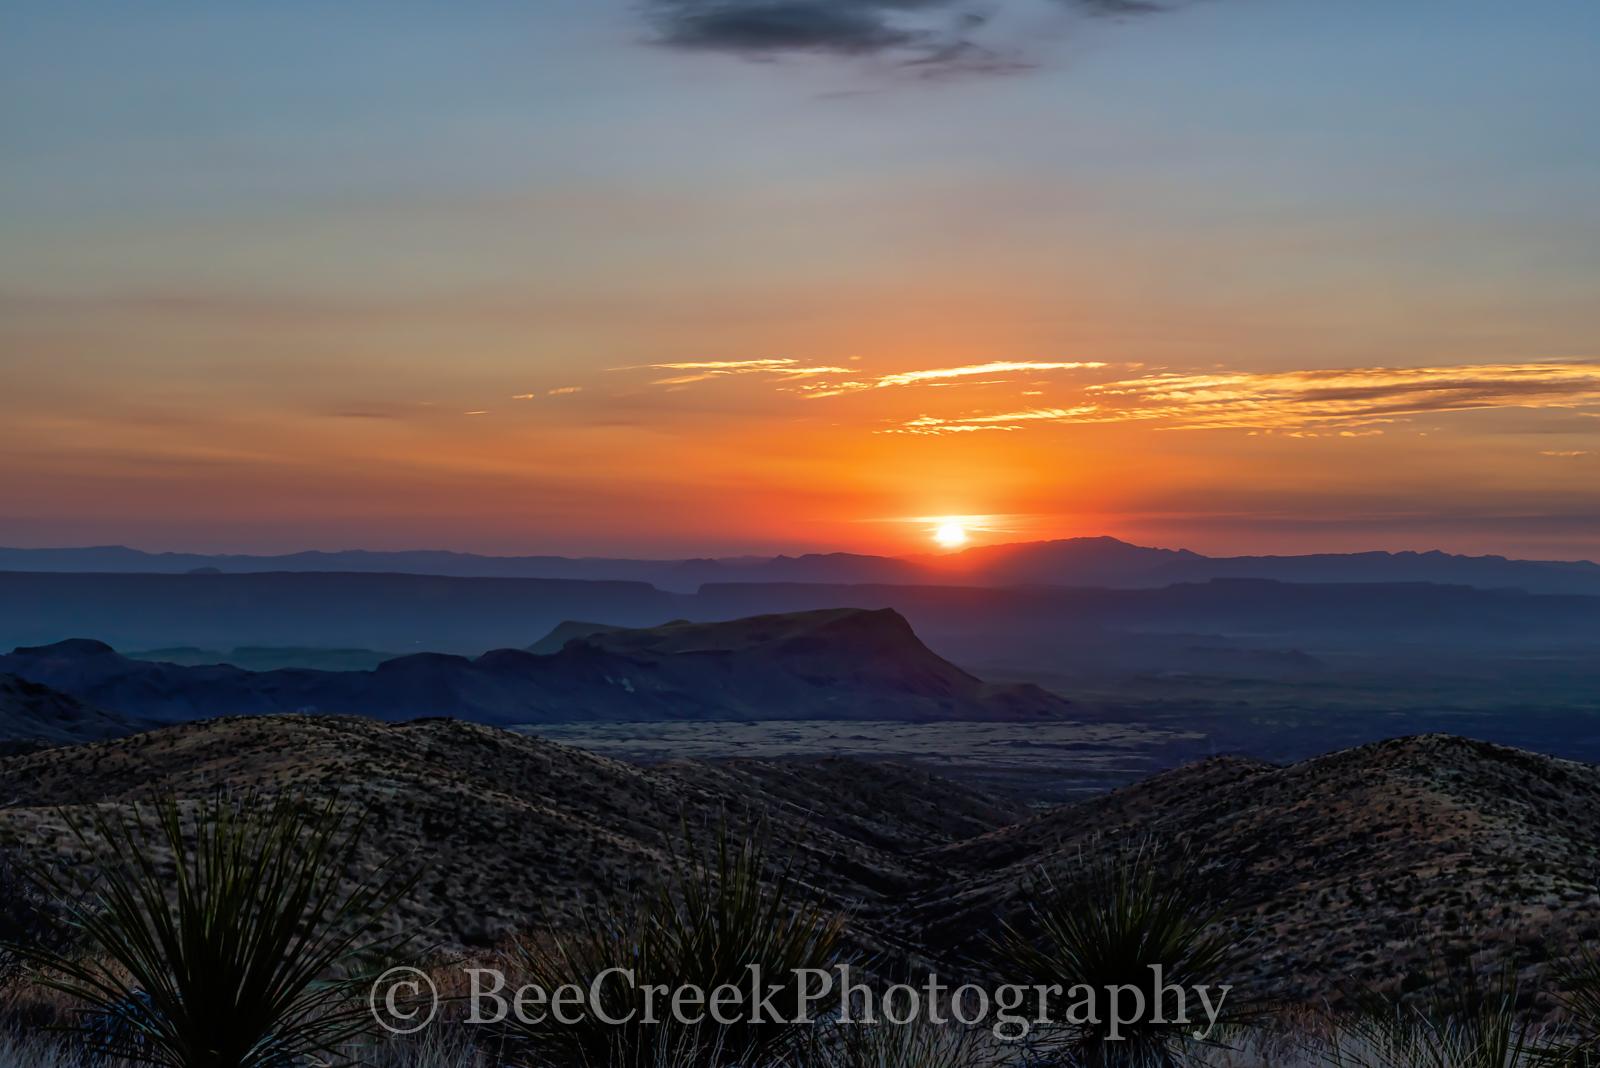 Mountains, National Park, Santa Elena Canyon, Sotal Vista Overlook, big bend, desert, landscape, sotals, sunset, photo